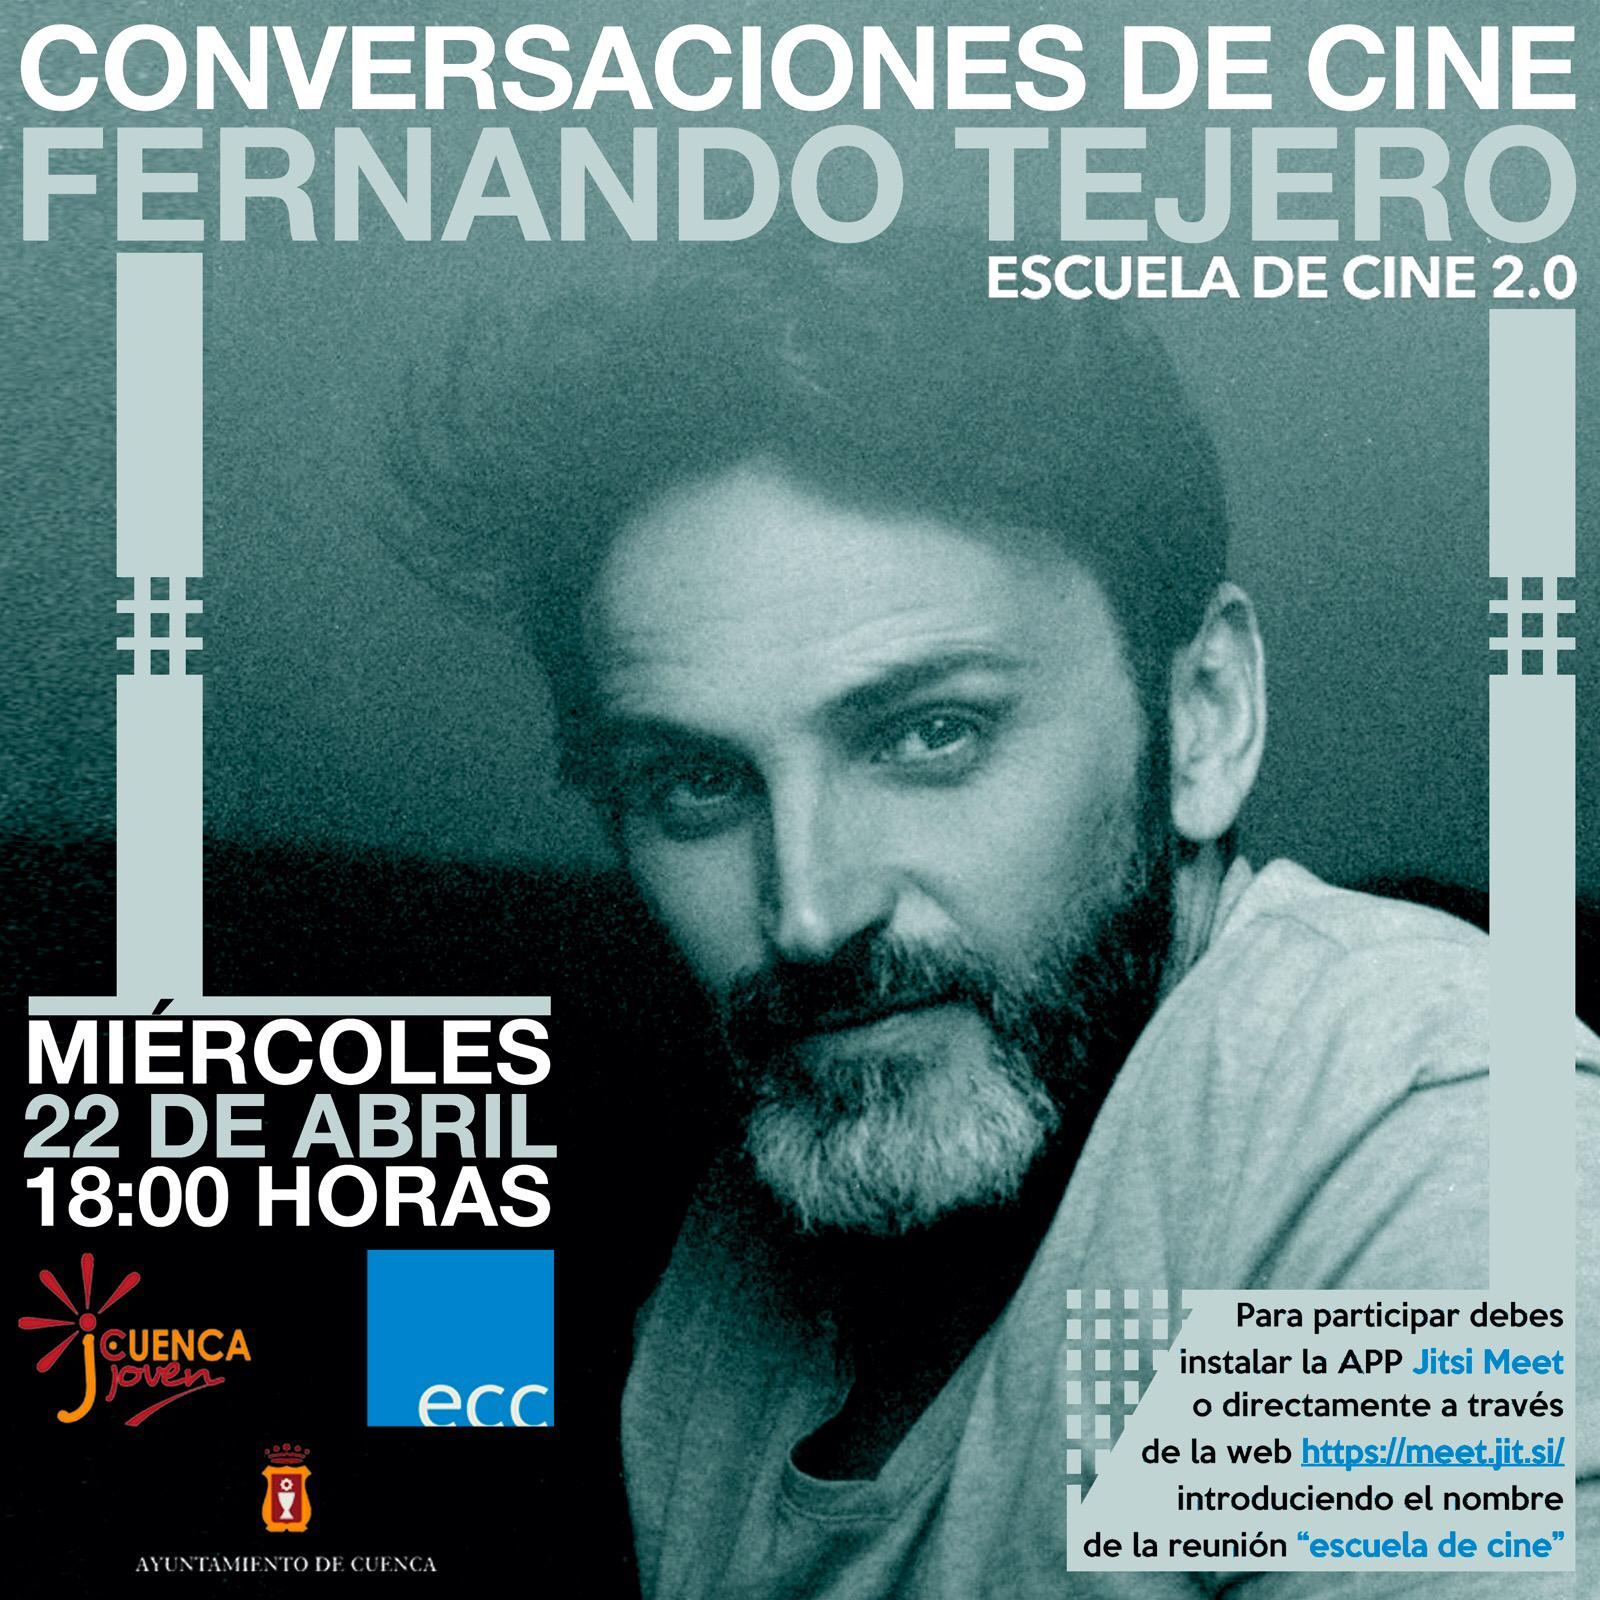 El Centro Joven organiza encuentros digitales con los actores Fernando Tejero y Juan Diego Botto